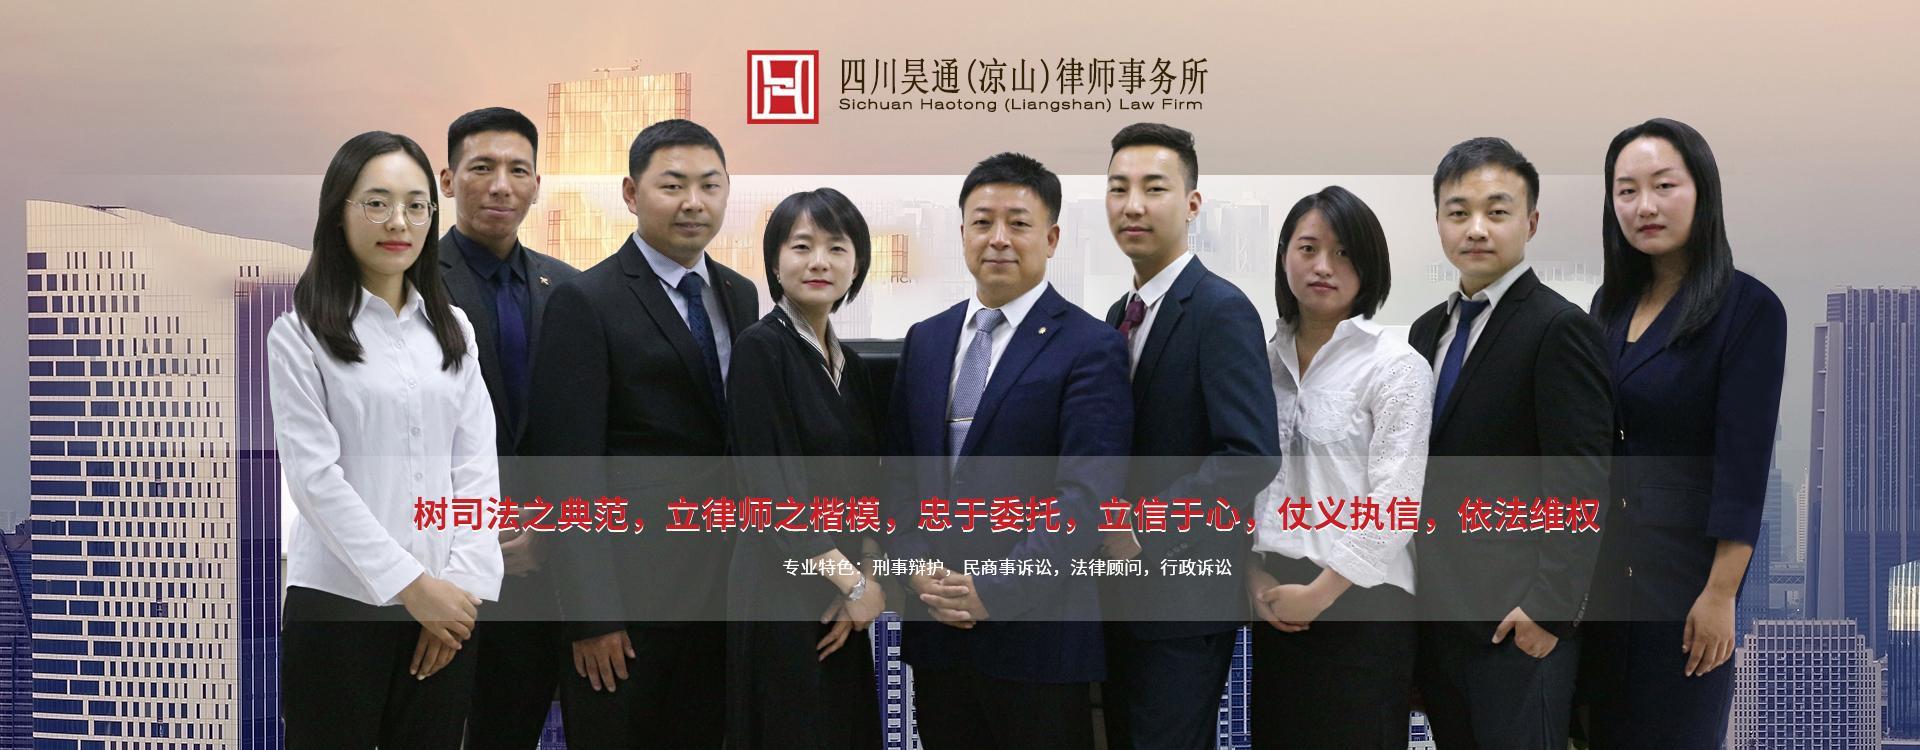 四川昊通律师事务所